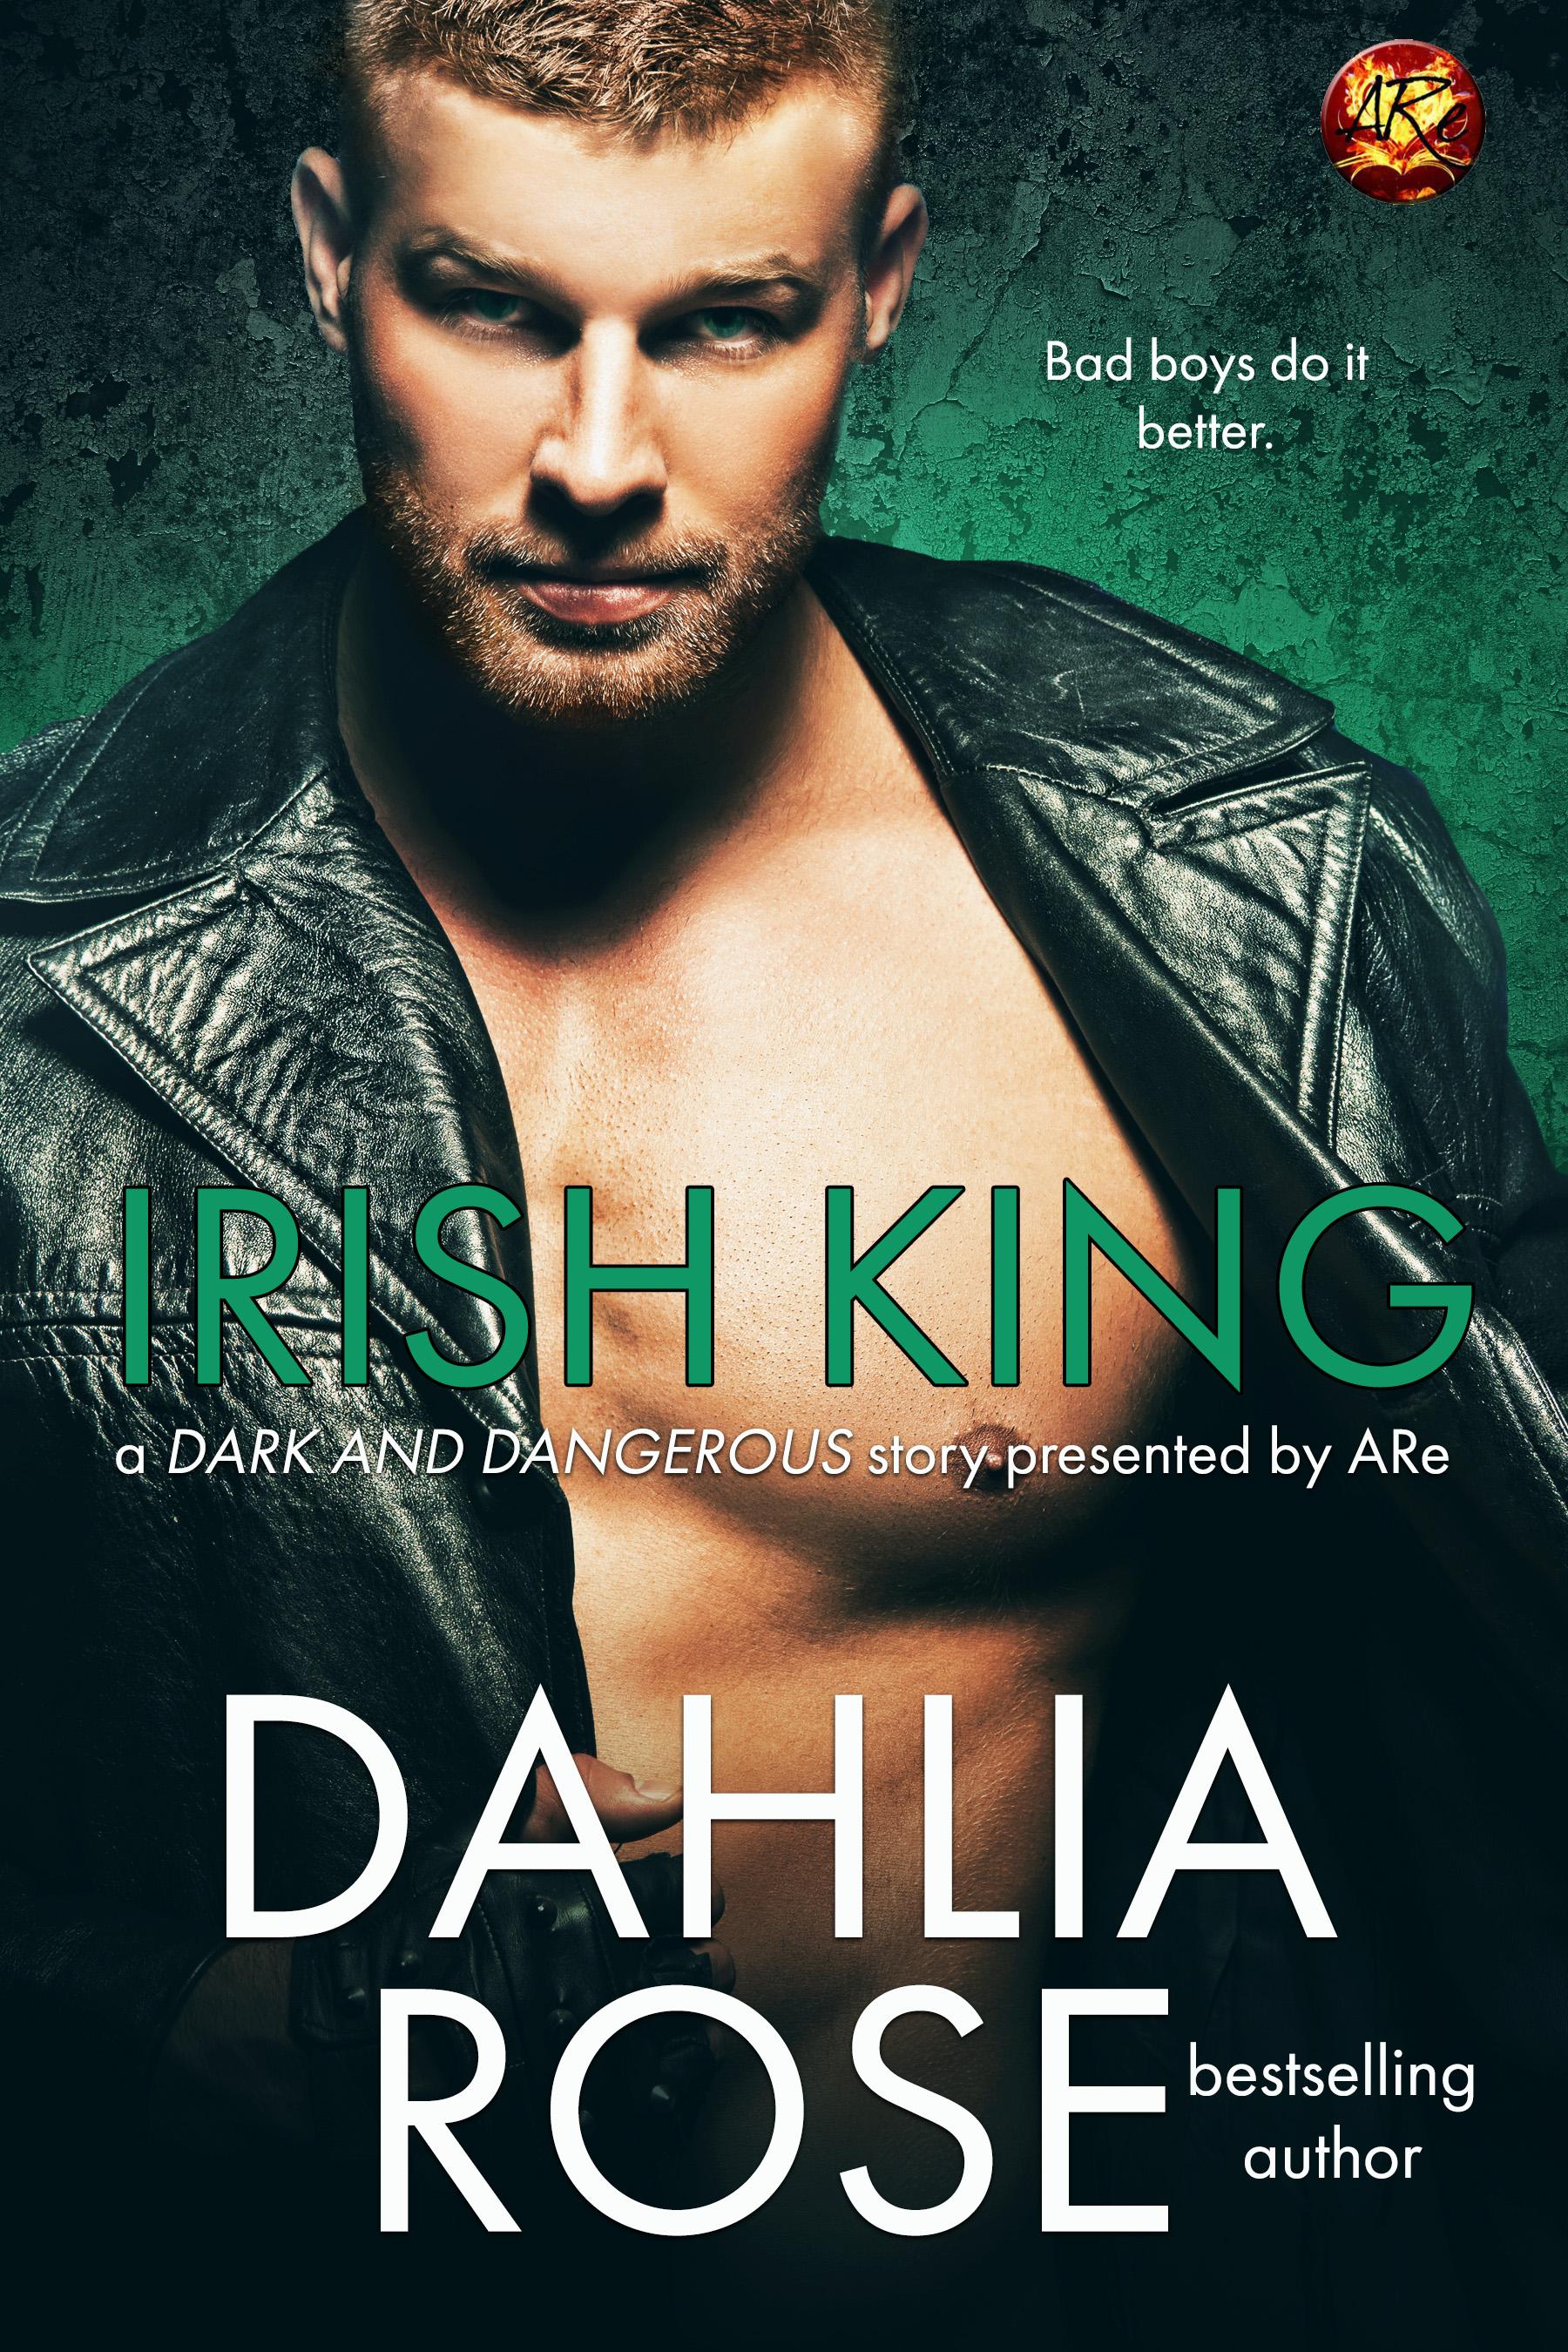 Resultado de imagem para irish king DAHLIA ROSE.